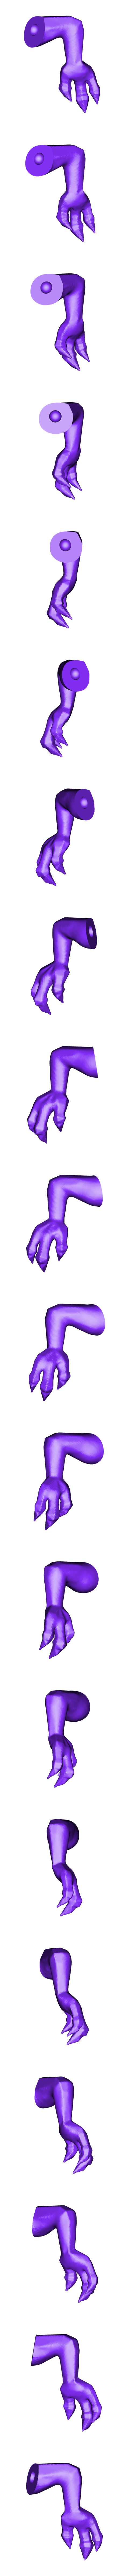 charizard_right_arm.stl Download free STL file Charizard • 3D print model, KerberosFi